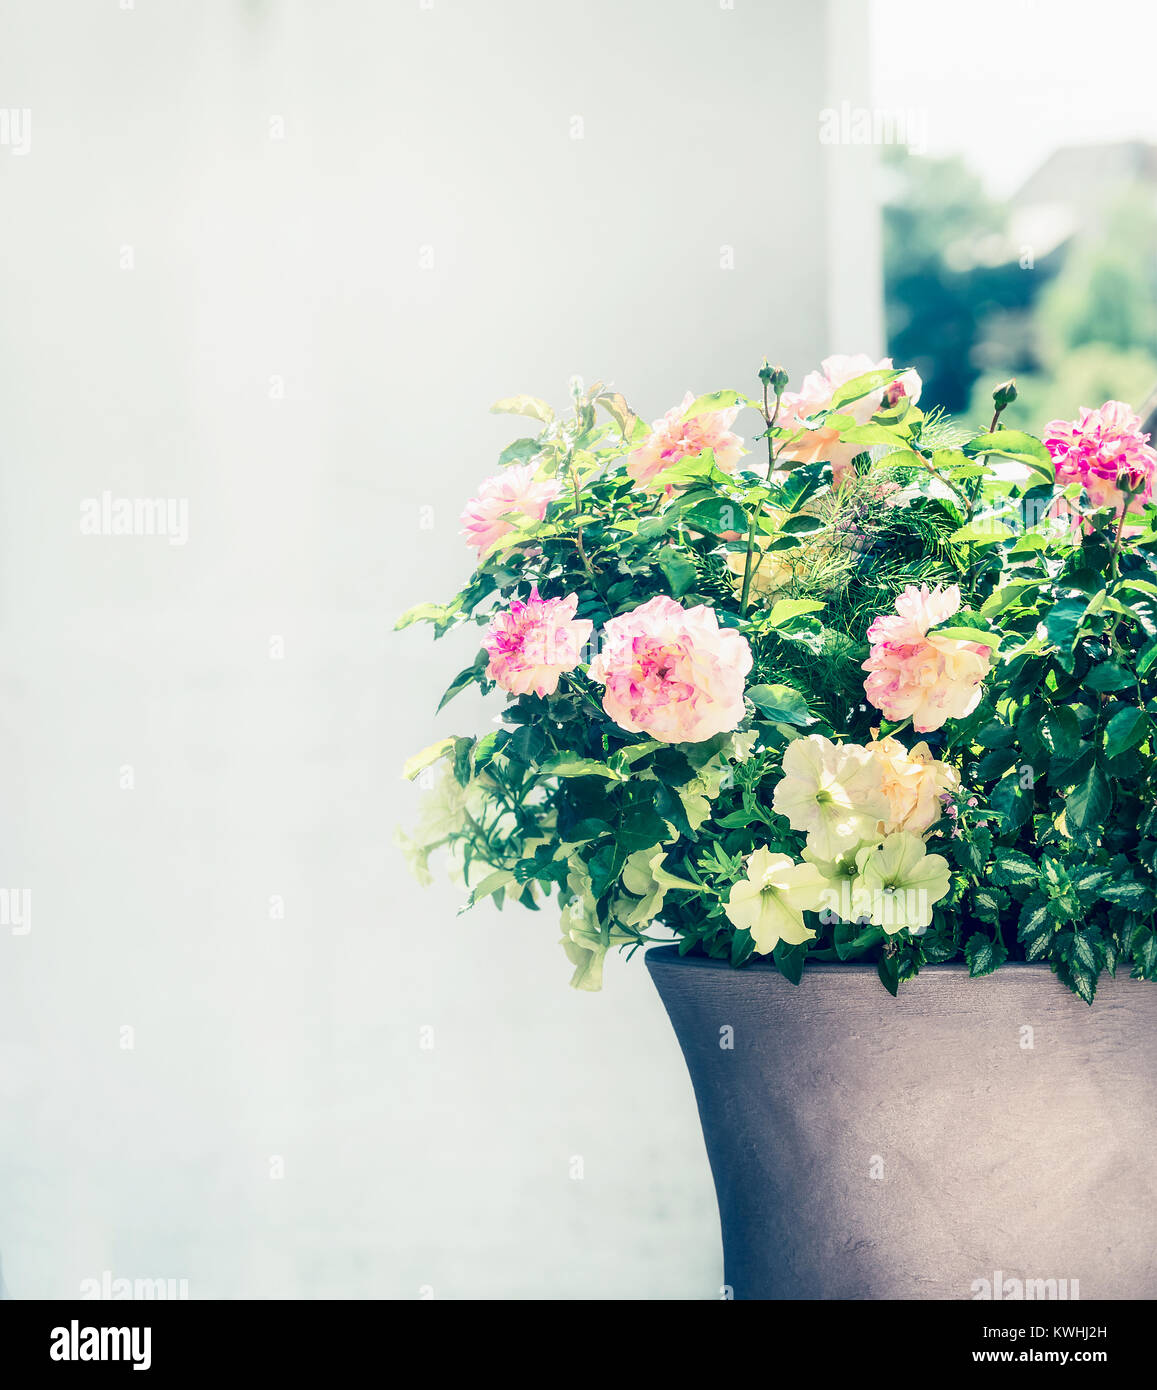 Schone Terrasse Topf Mit Rosen Und Petunien Die Blumen Auf Dem